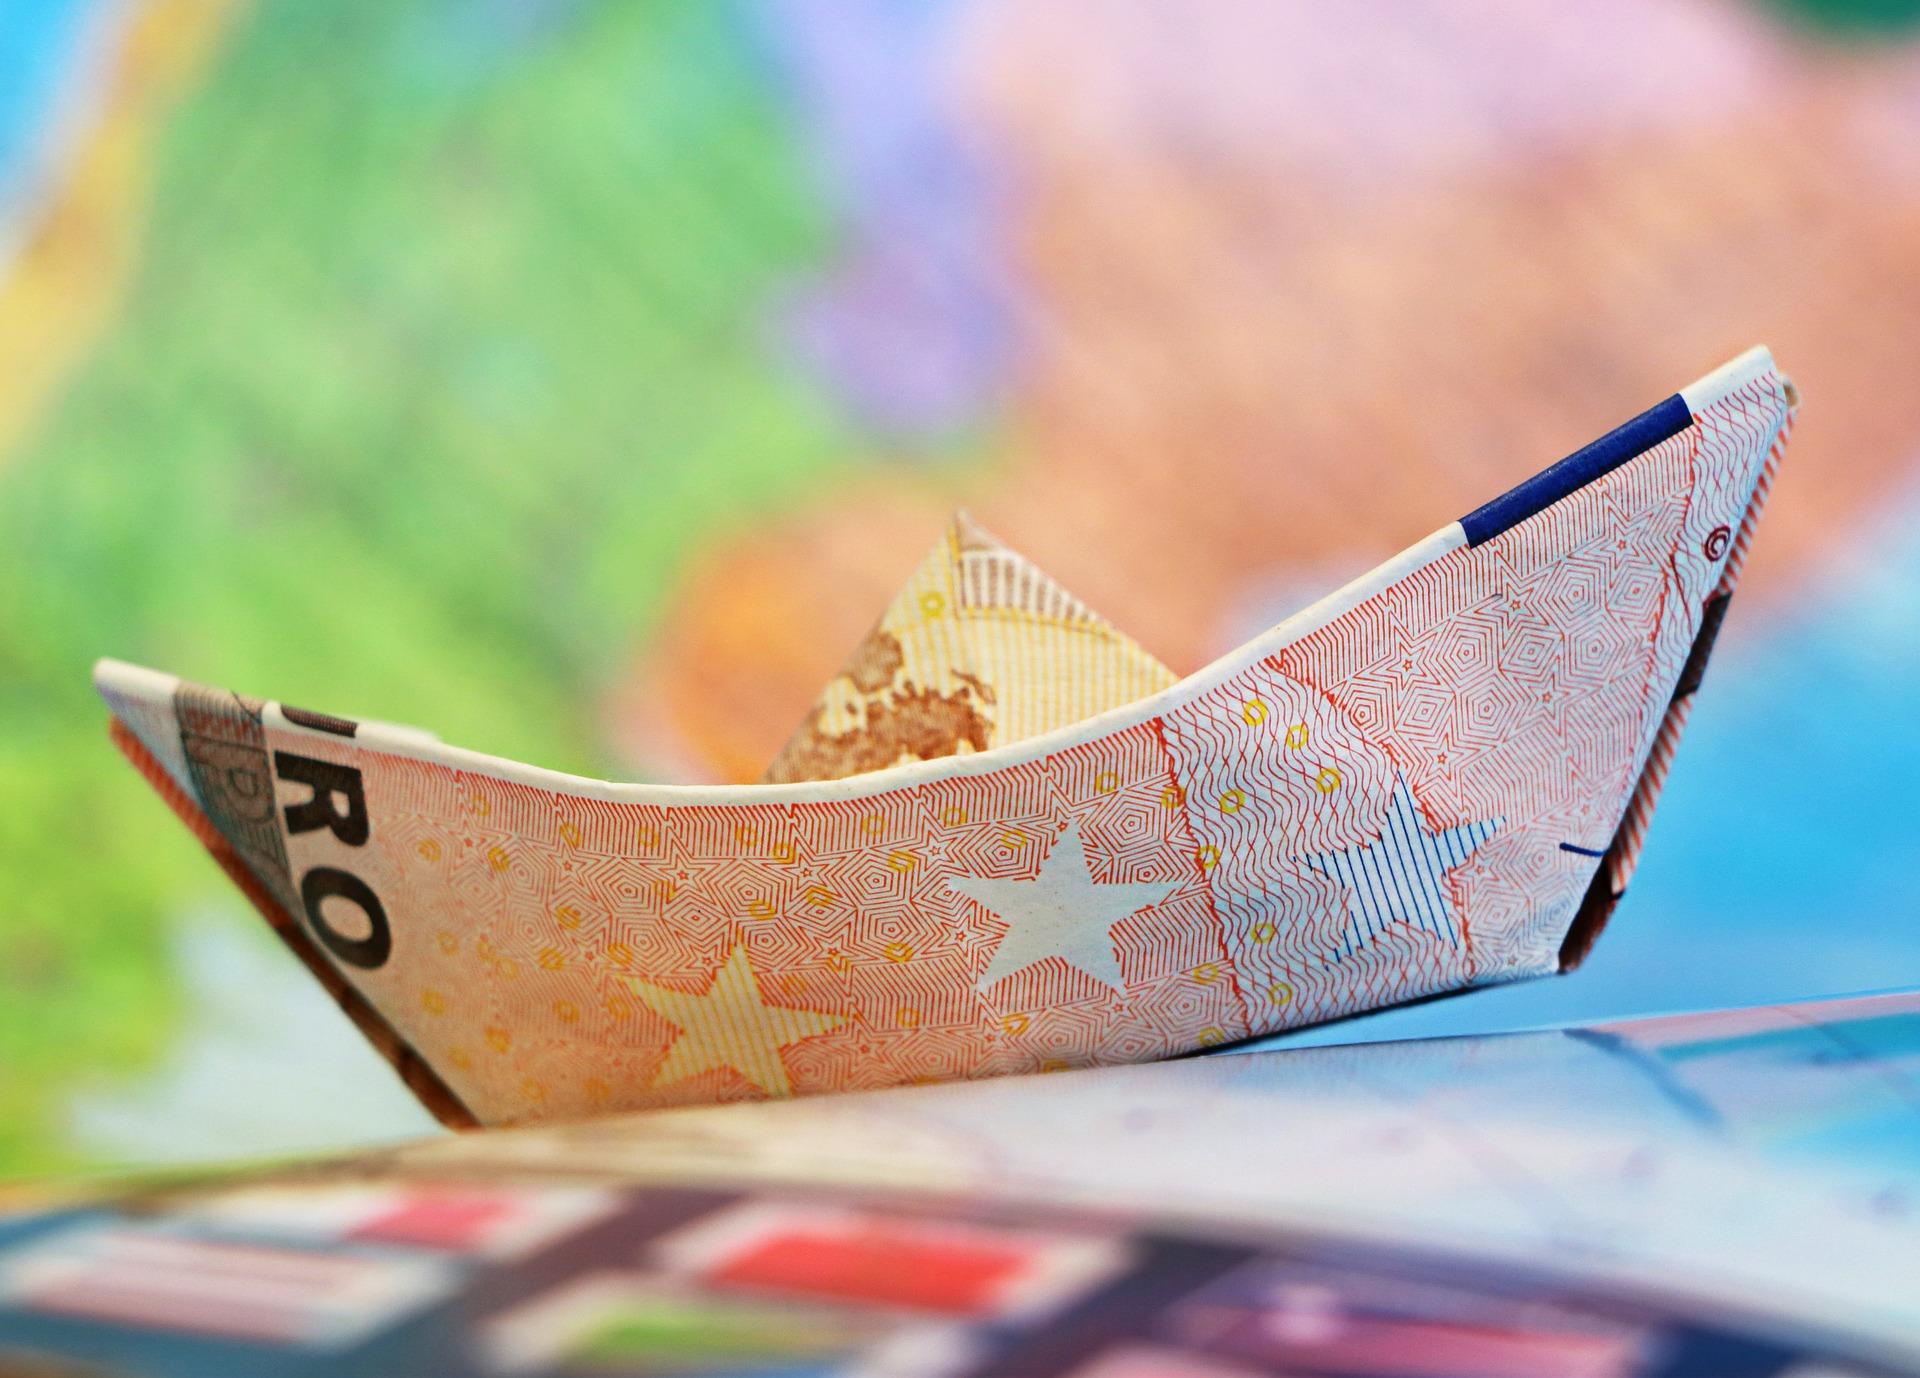 Sådan rejser du ud i verden uden at sprænge budgettet